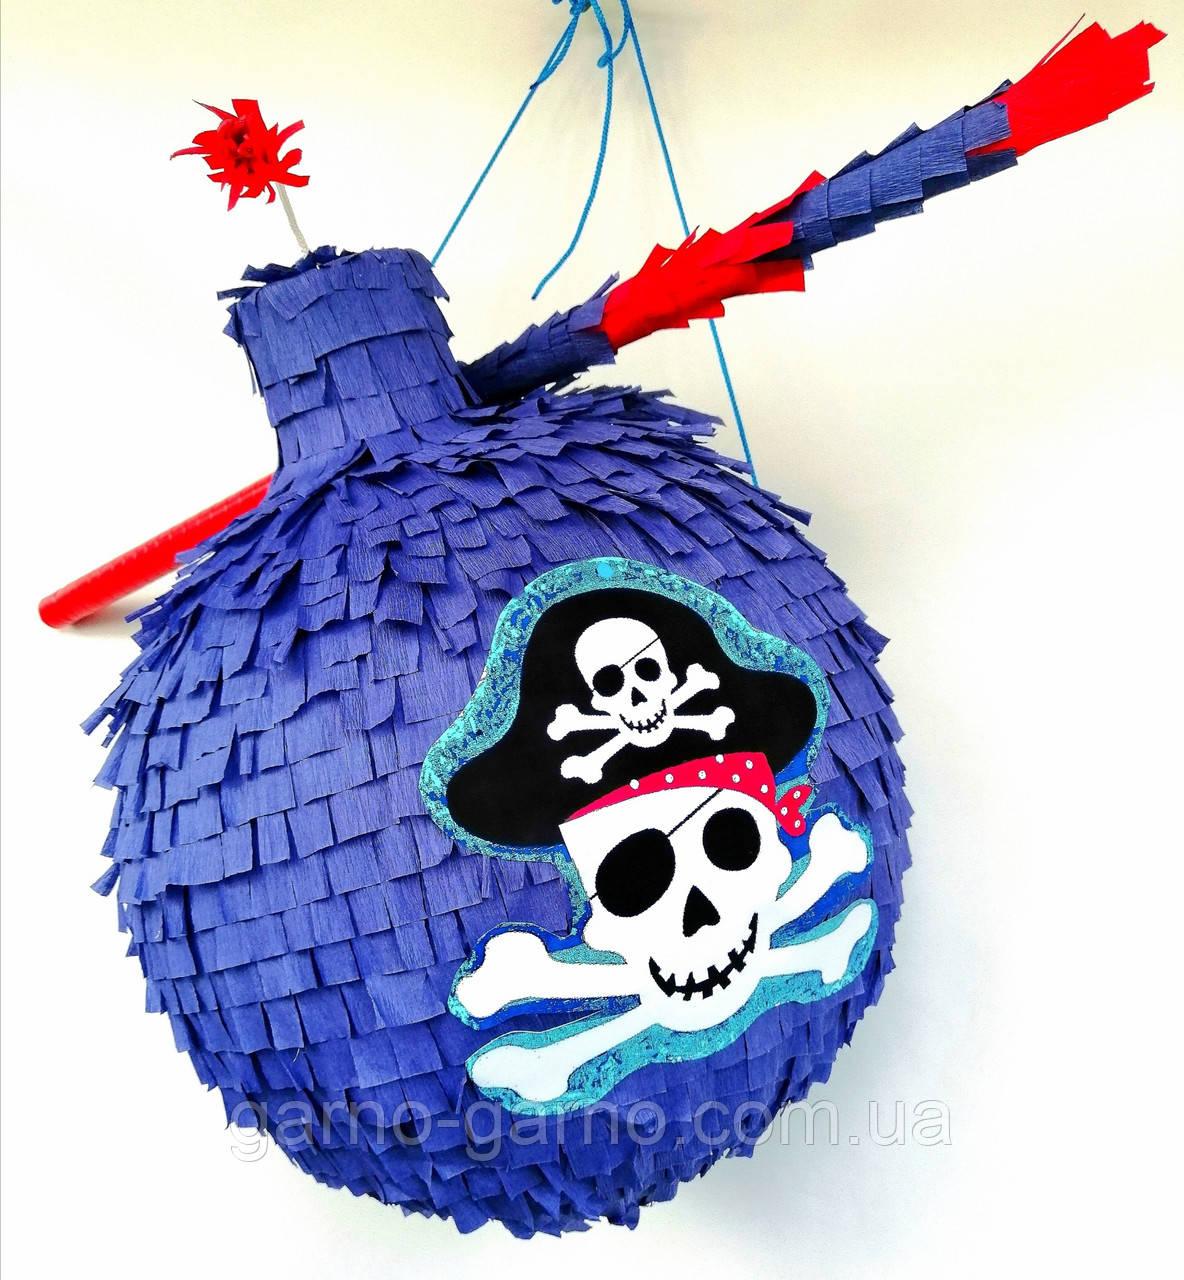 Піньята пірати бомба ядро піратська піната піньята на день народження паперова для свята